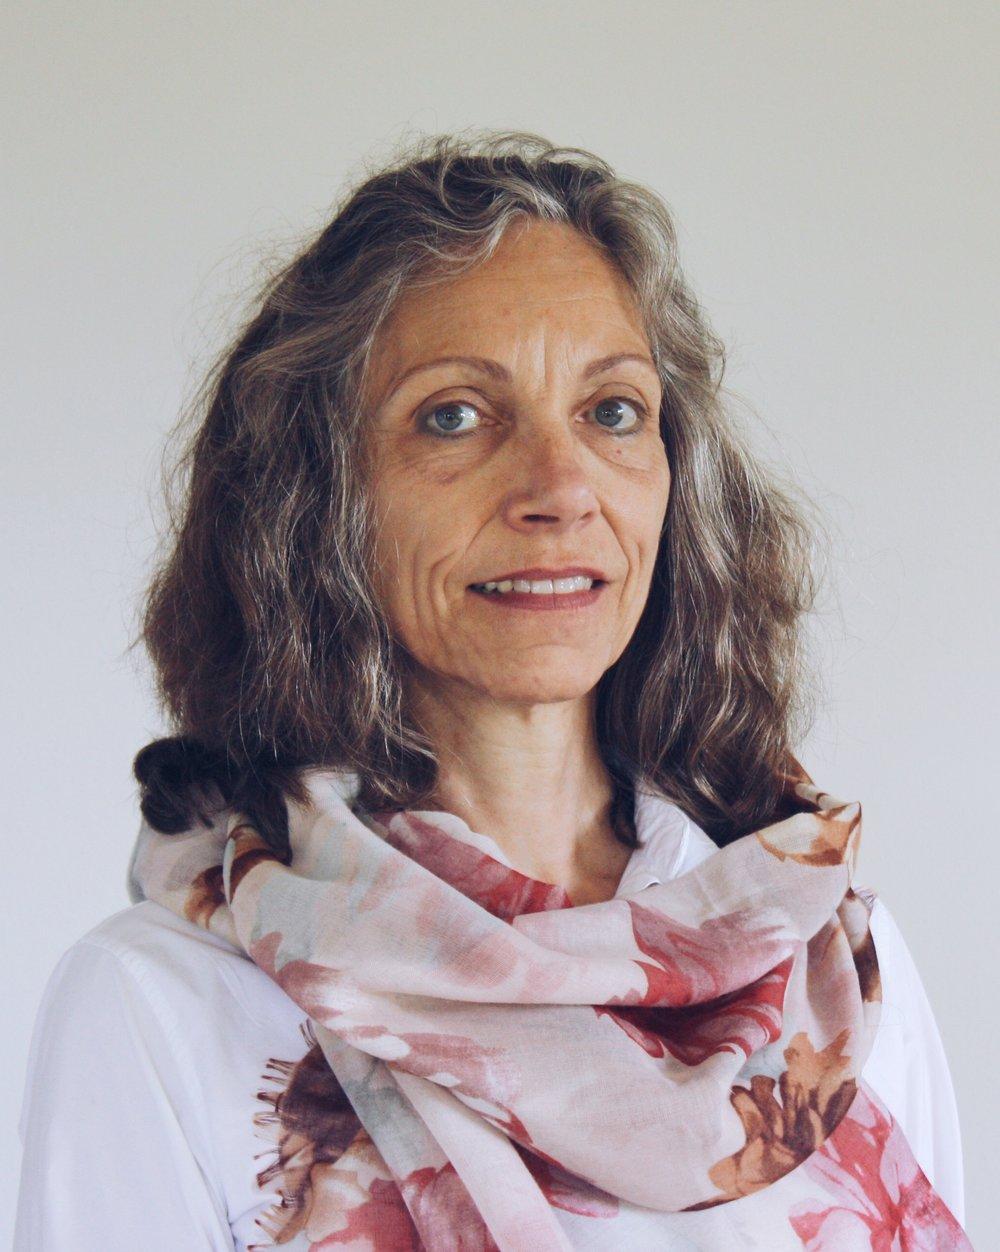 Alexandra Hercher-Flingelli, Praktische Ärztin - Psychotherapie, für Erwachsene, Kinder und Jugendliche